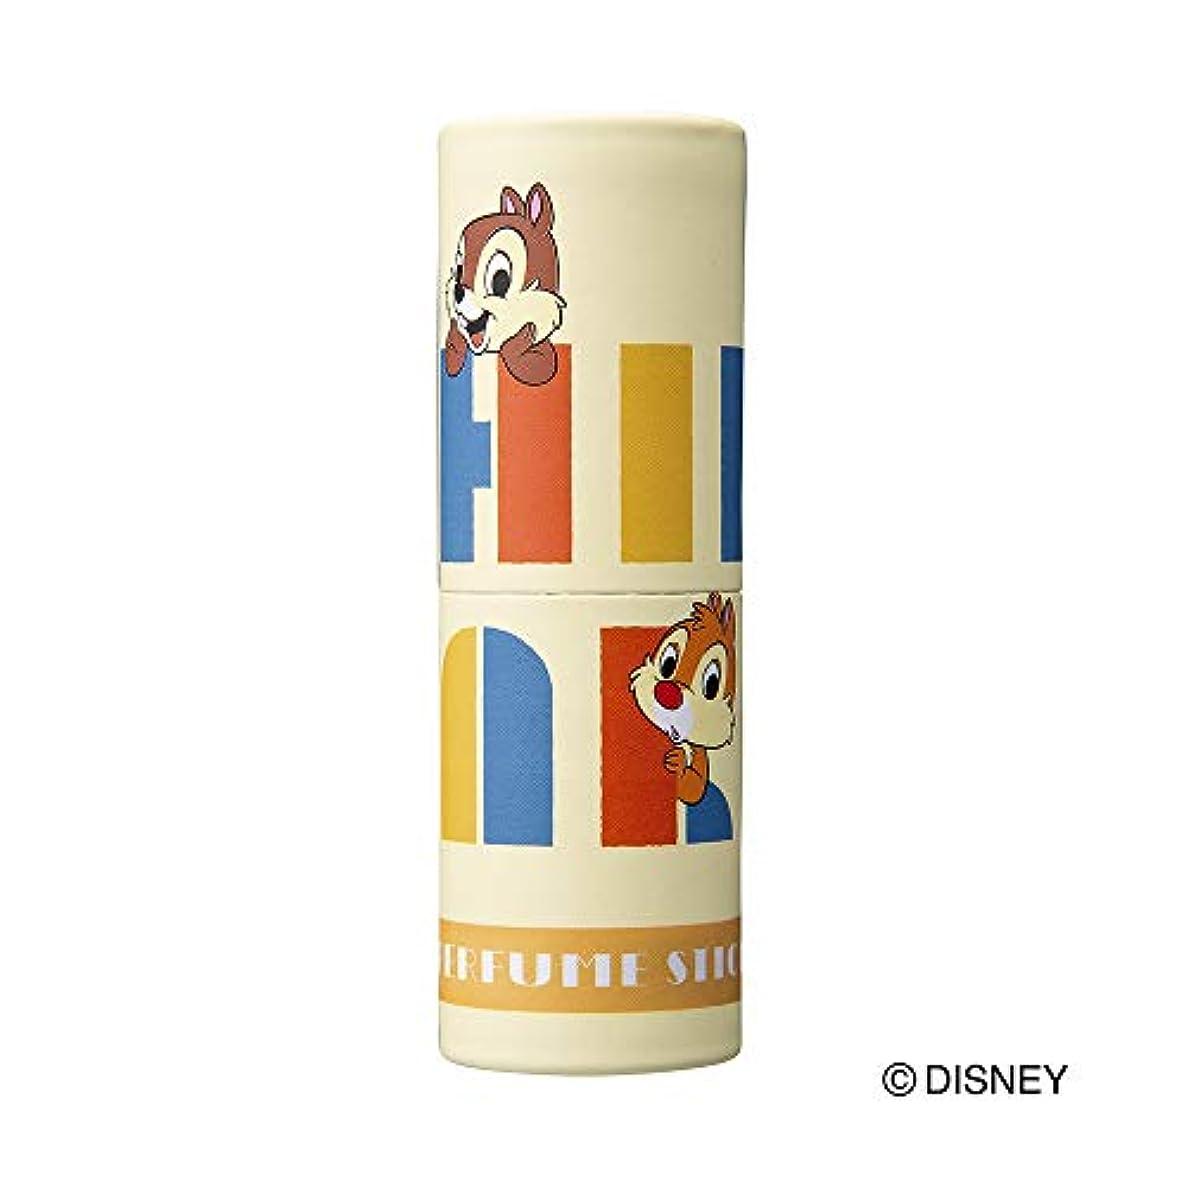 構造的じゃない腹痛パフュームスティック チアー シトラス&シャボンの香り ディズニーデザイン 5g